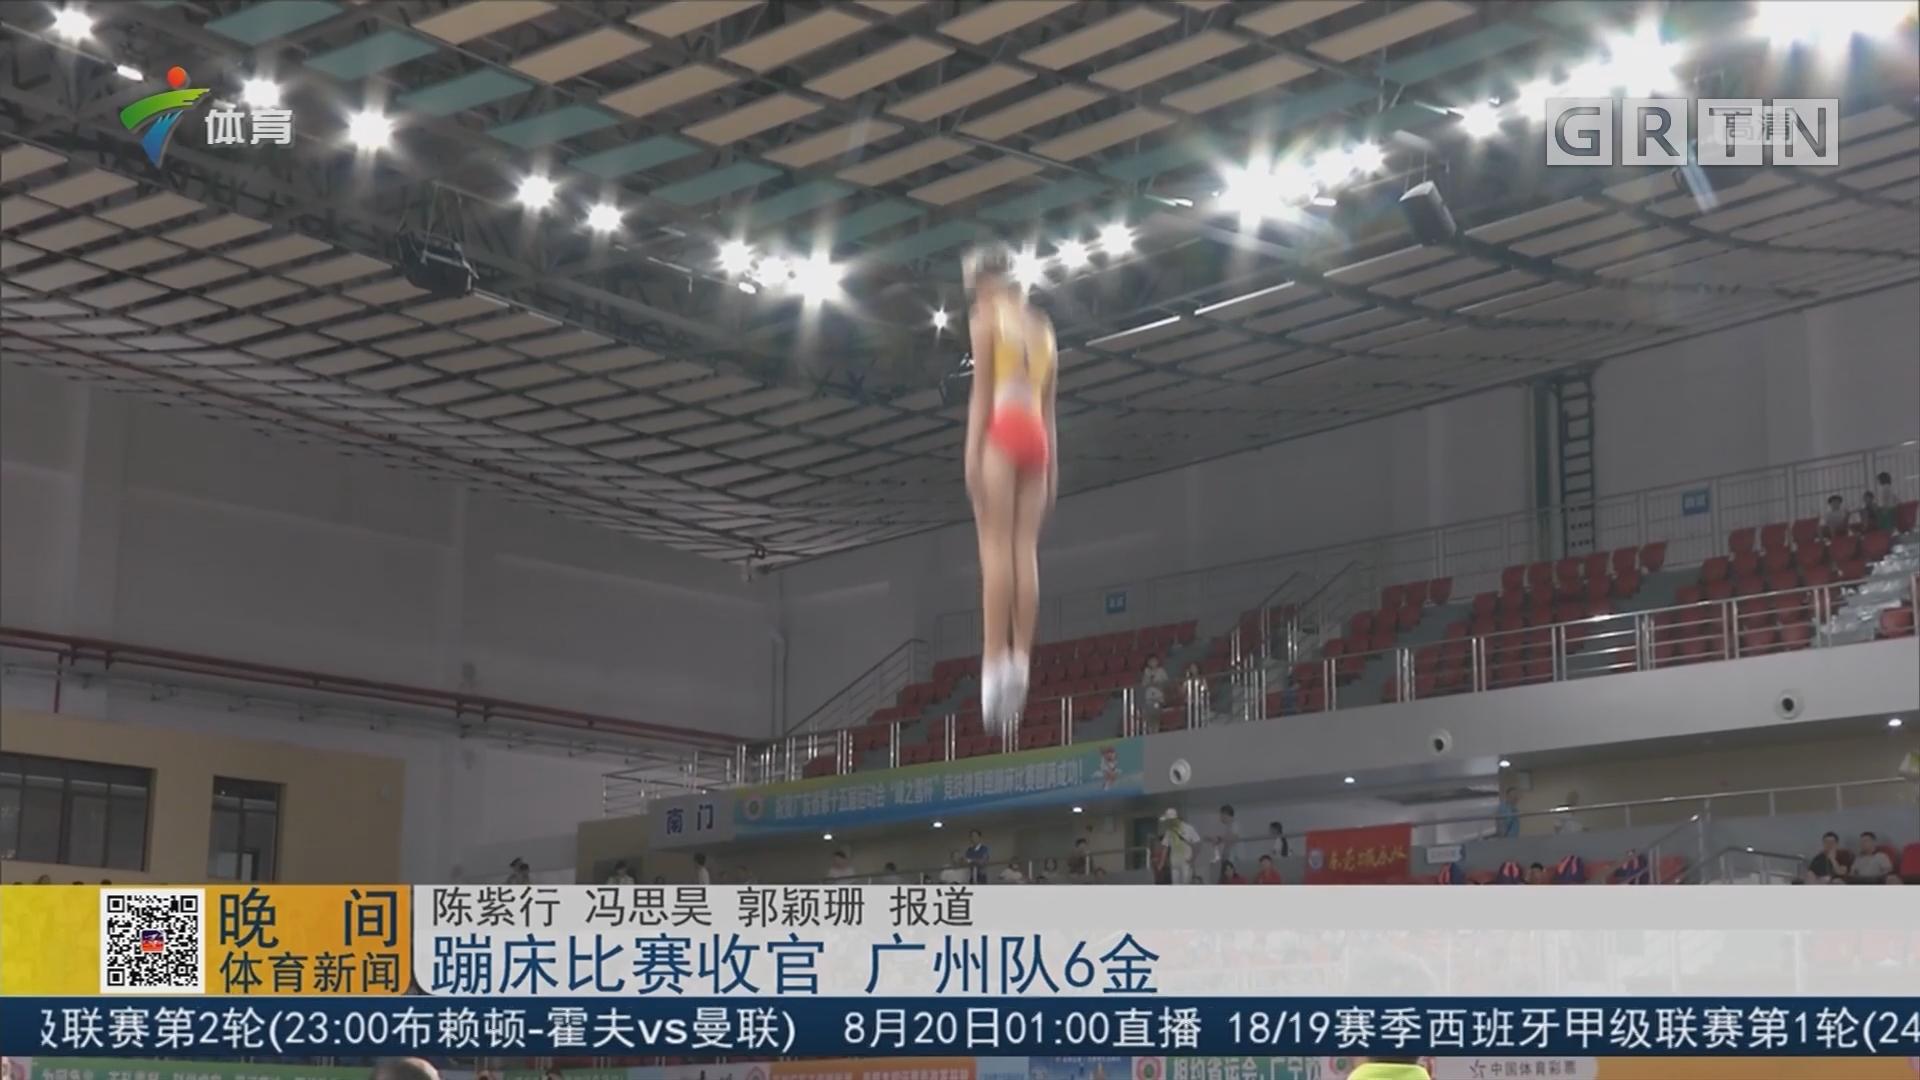 蹦床比赛收官 广州队6金